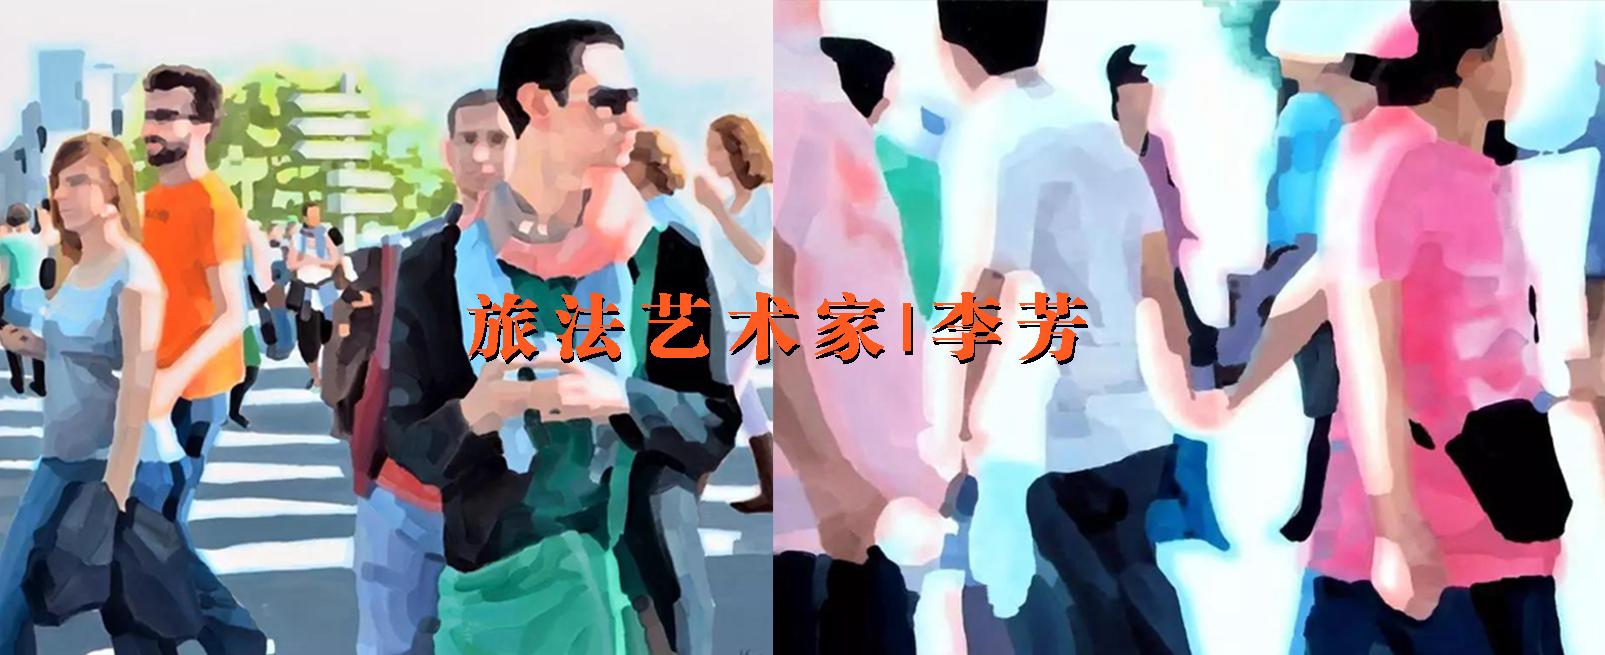 5 艺术家李芳